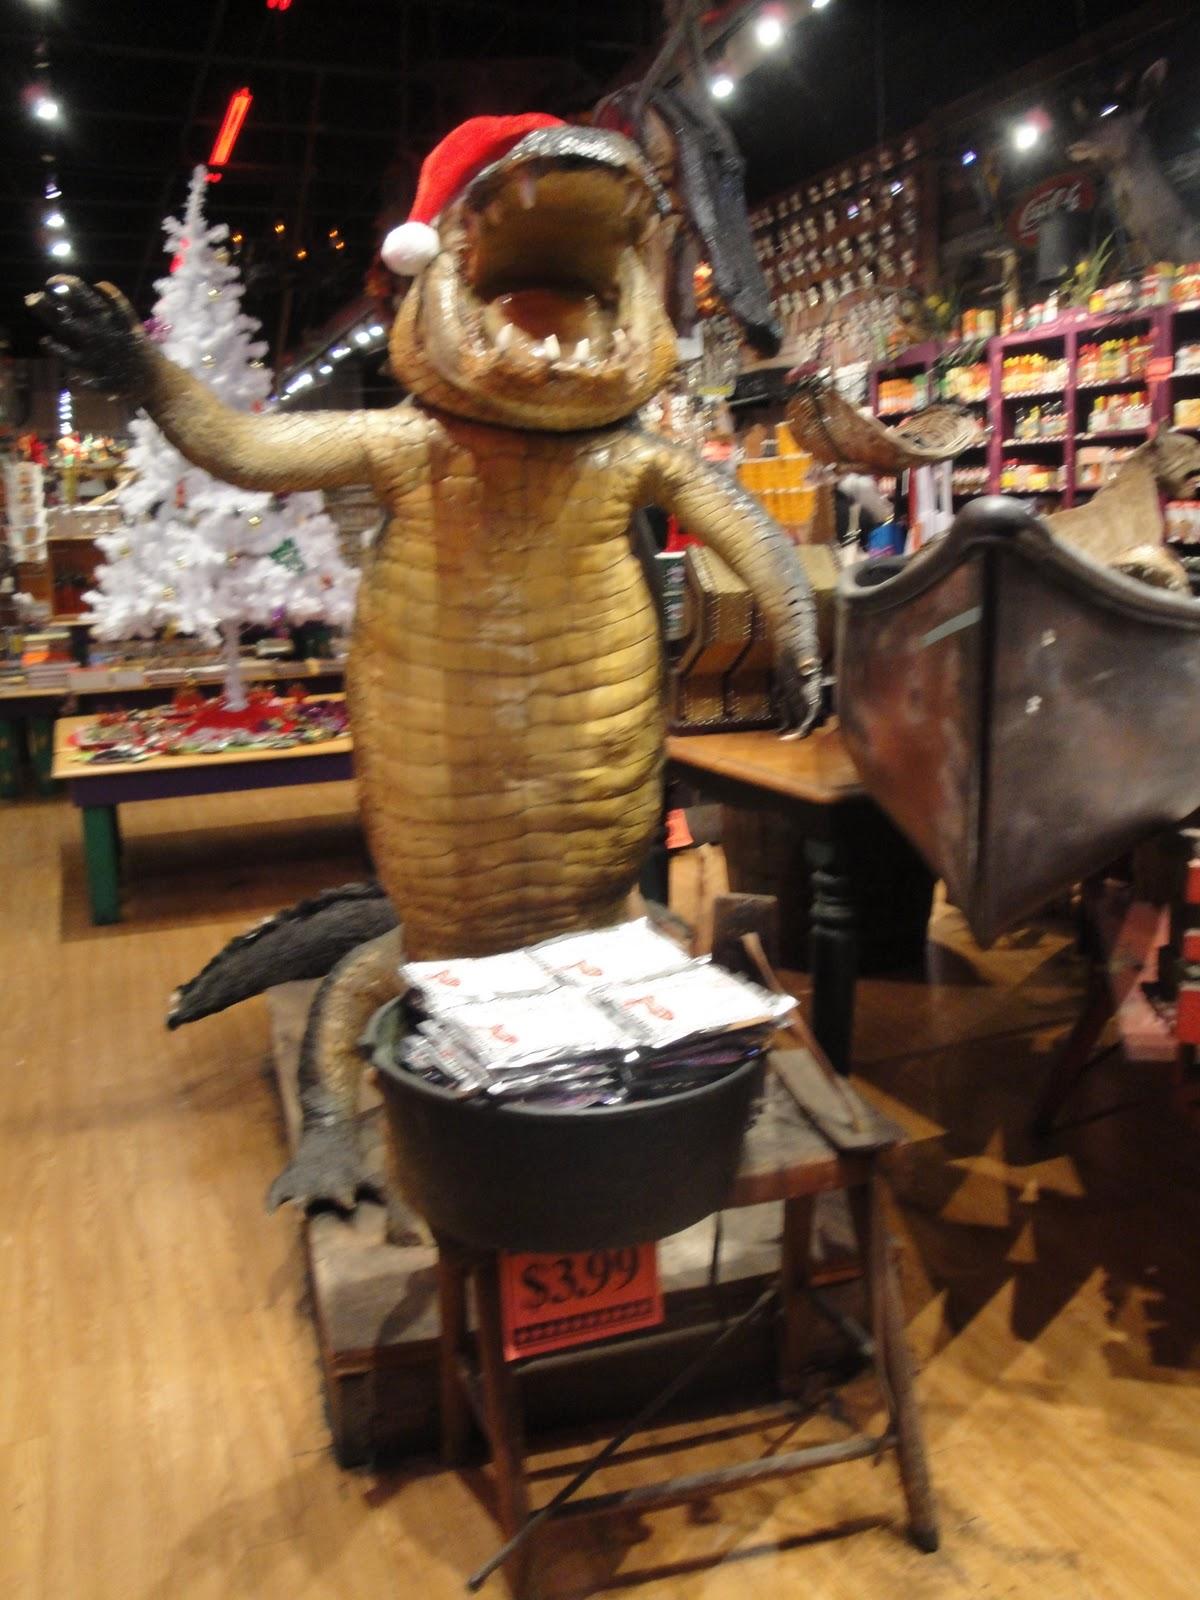 Statue of a Cajun 'gator.